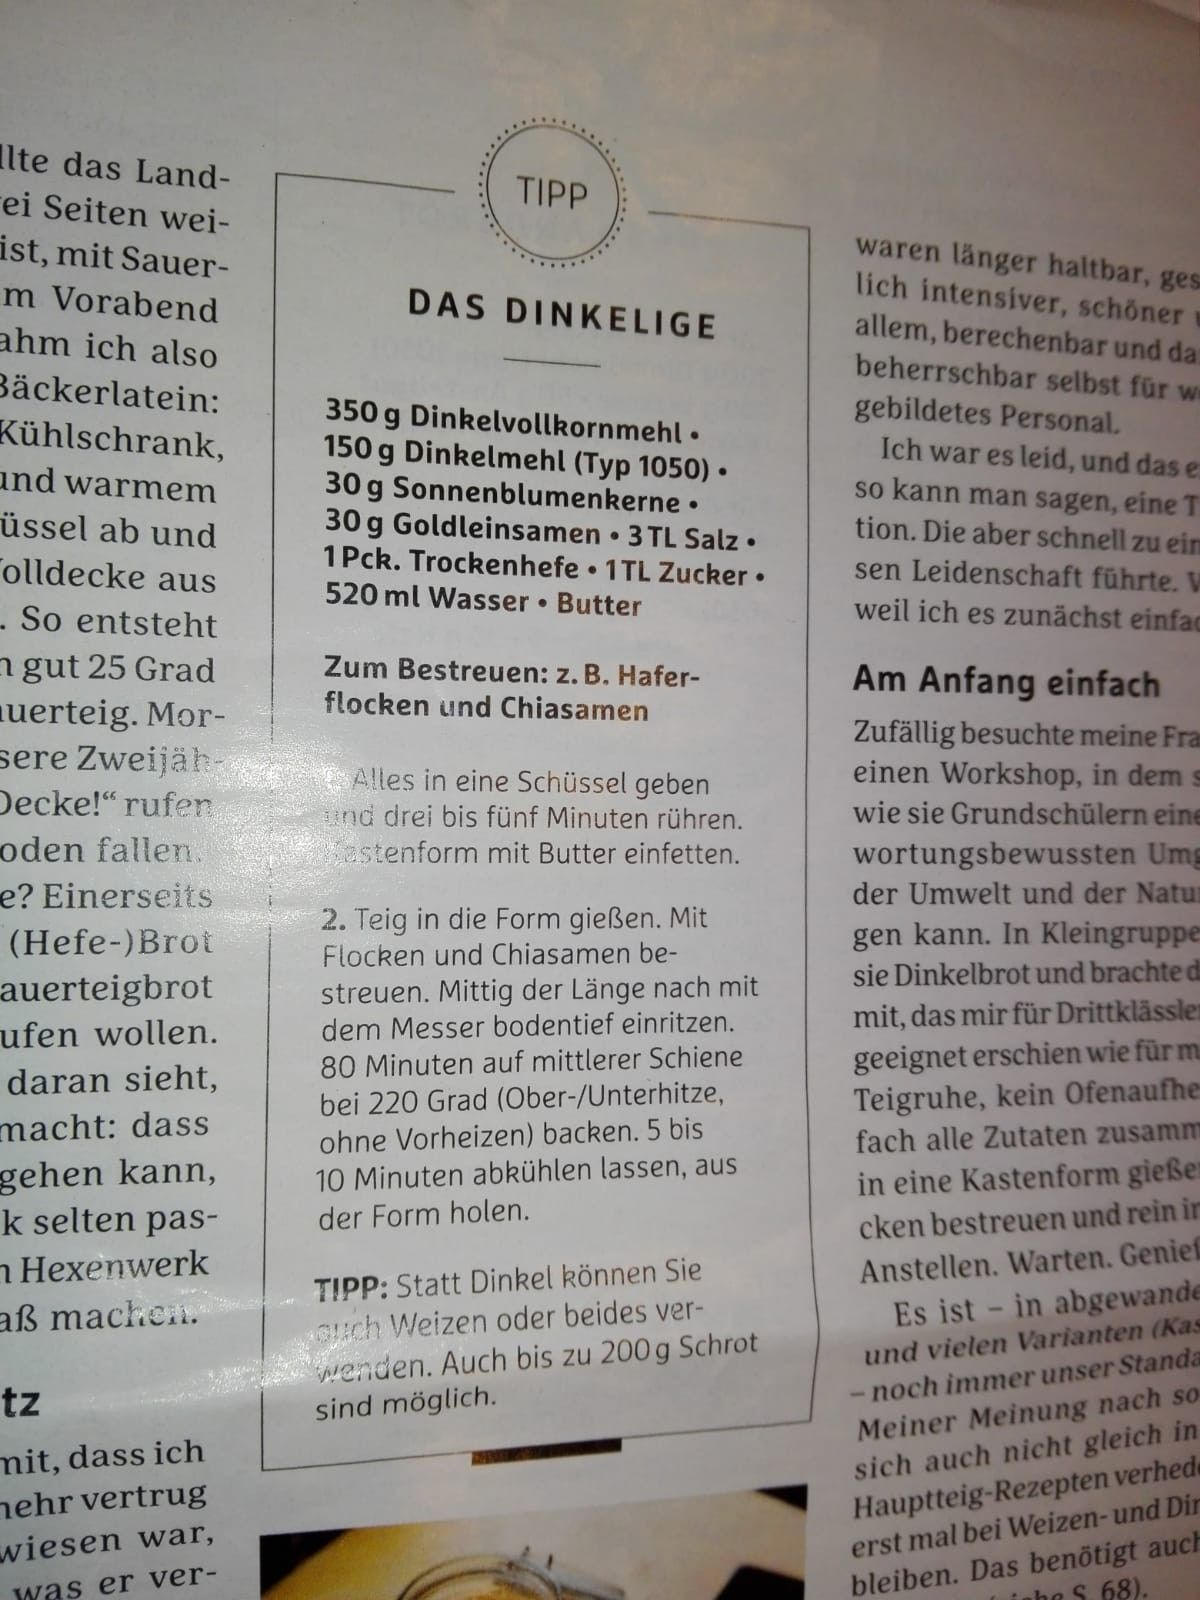 Pin Von Sabine Schmenderlin Auf Kochen In 2020 Dinkelmehl 1050 Dinkelmehl Haltbar